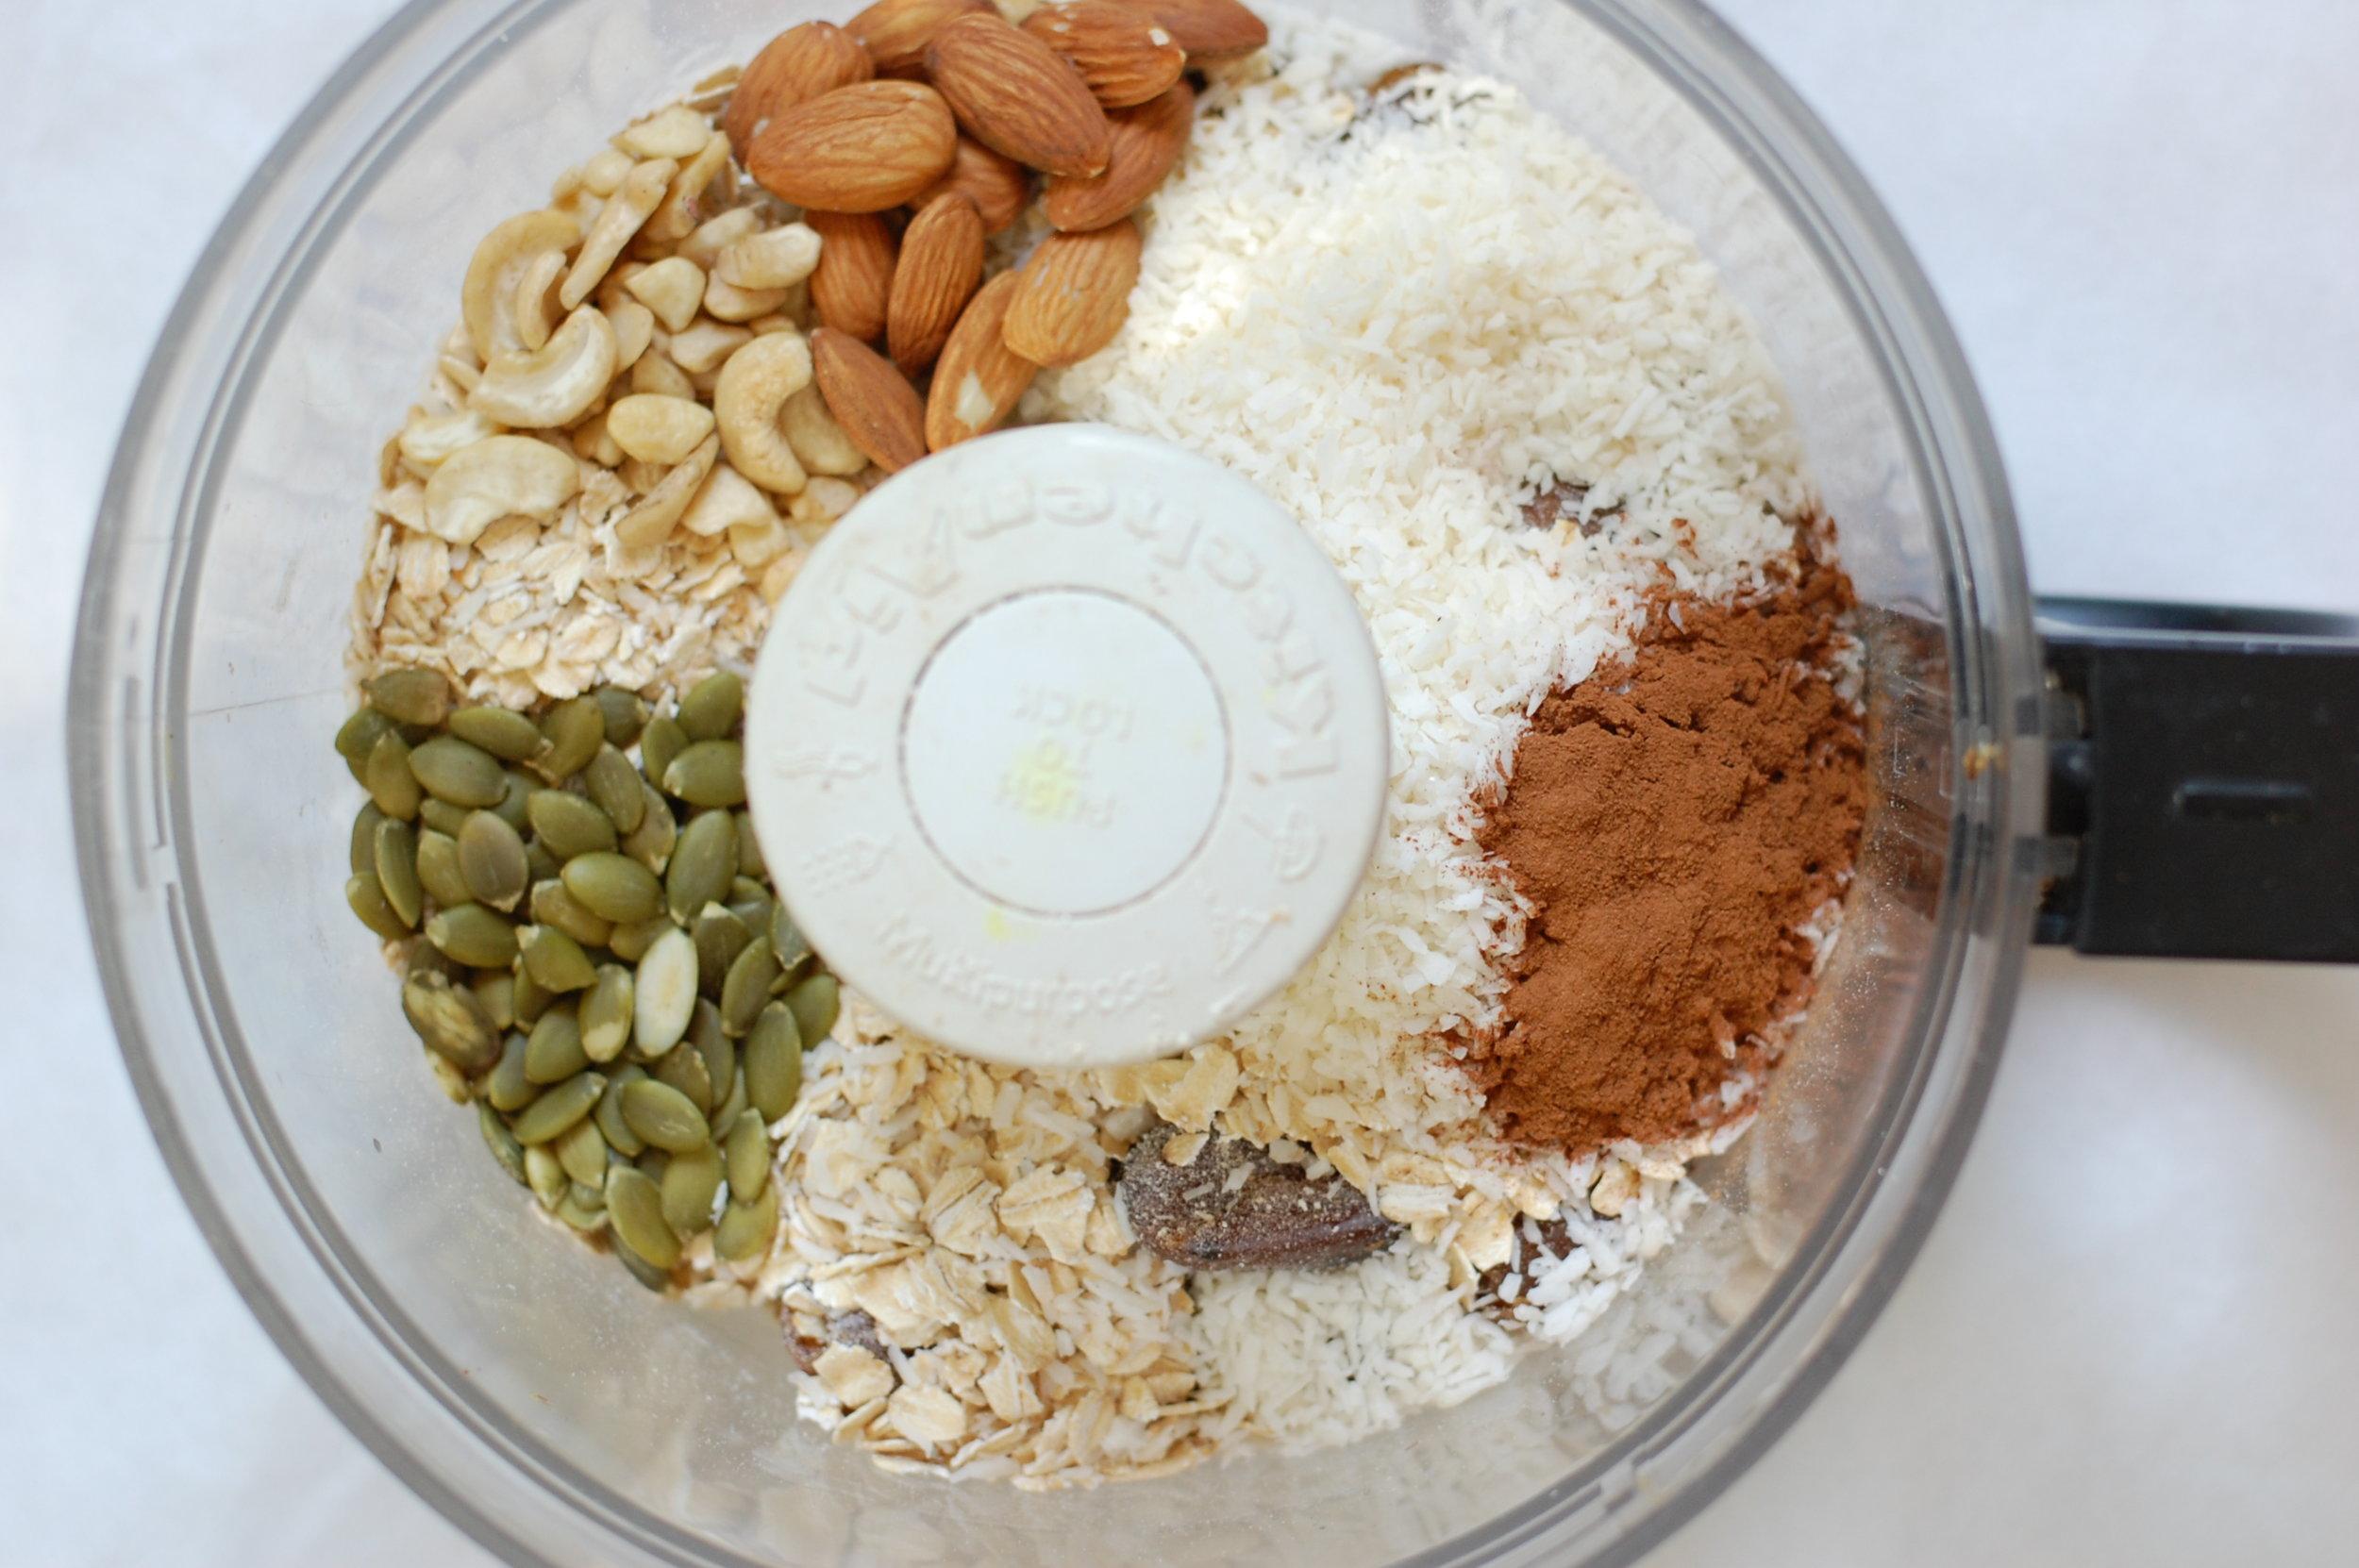 rawnola ingredients